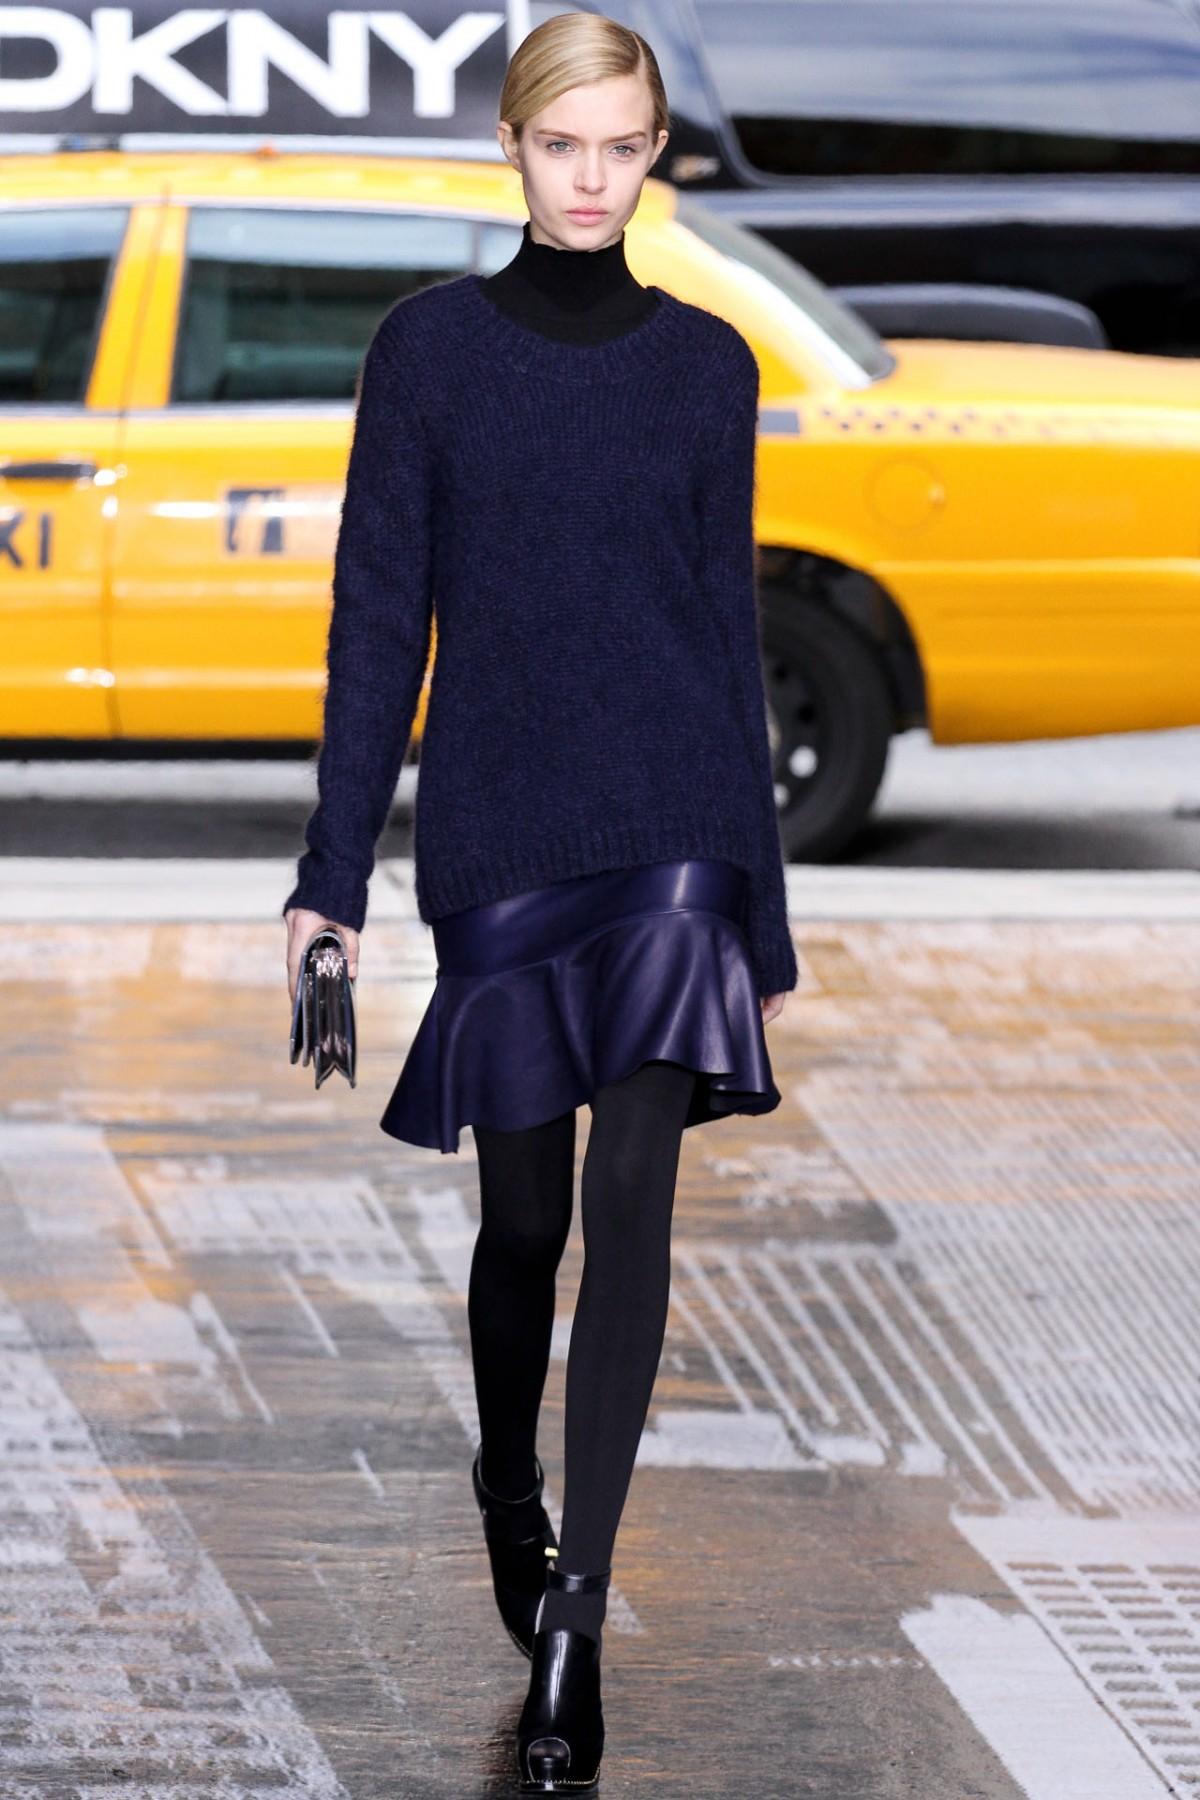 Coleção // DKNY, Nova York, Inverno 2012 RTW // Desfiles ...